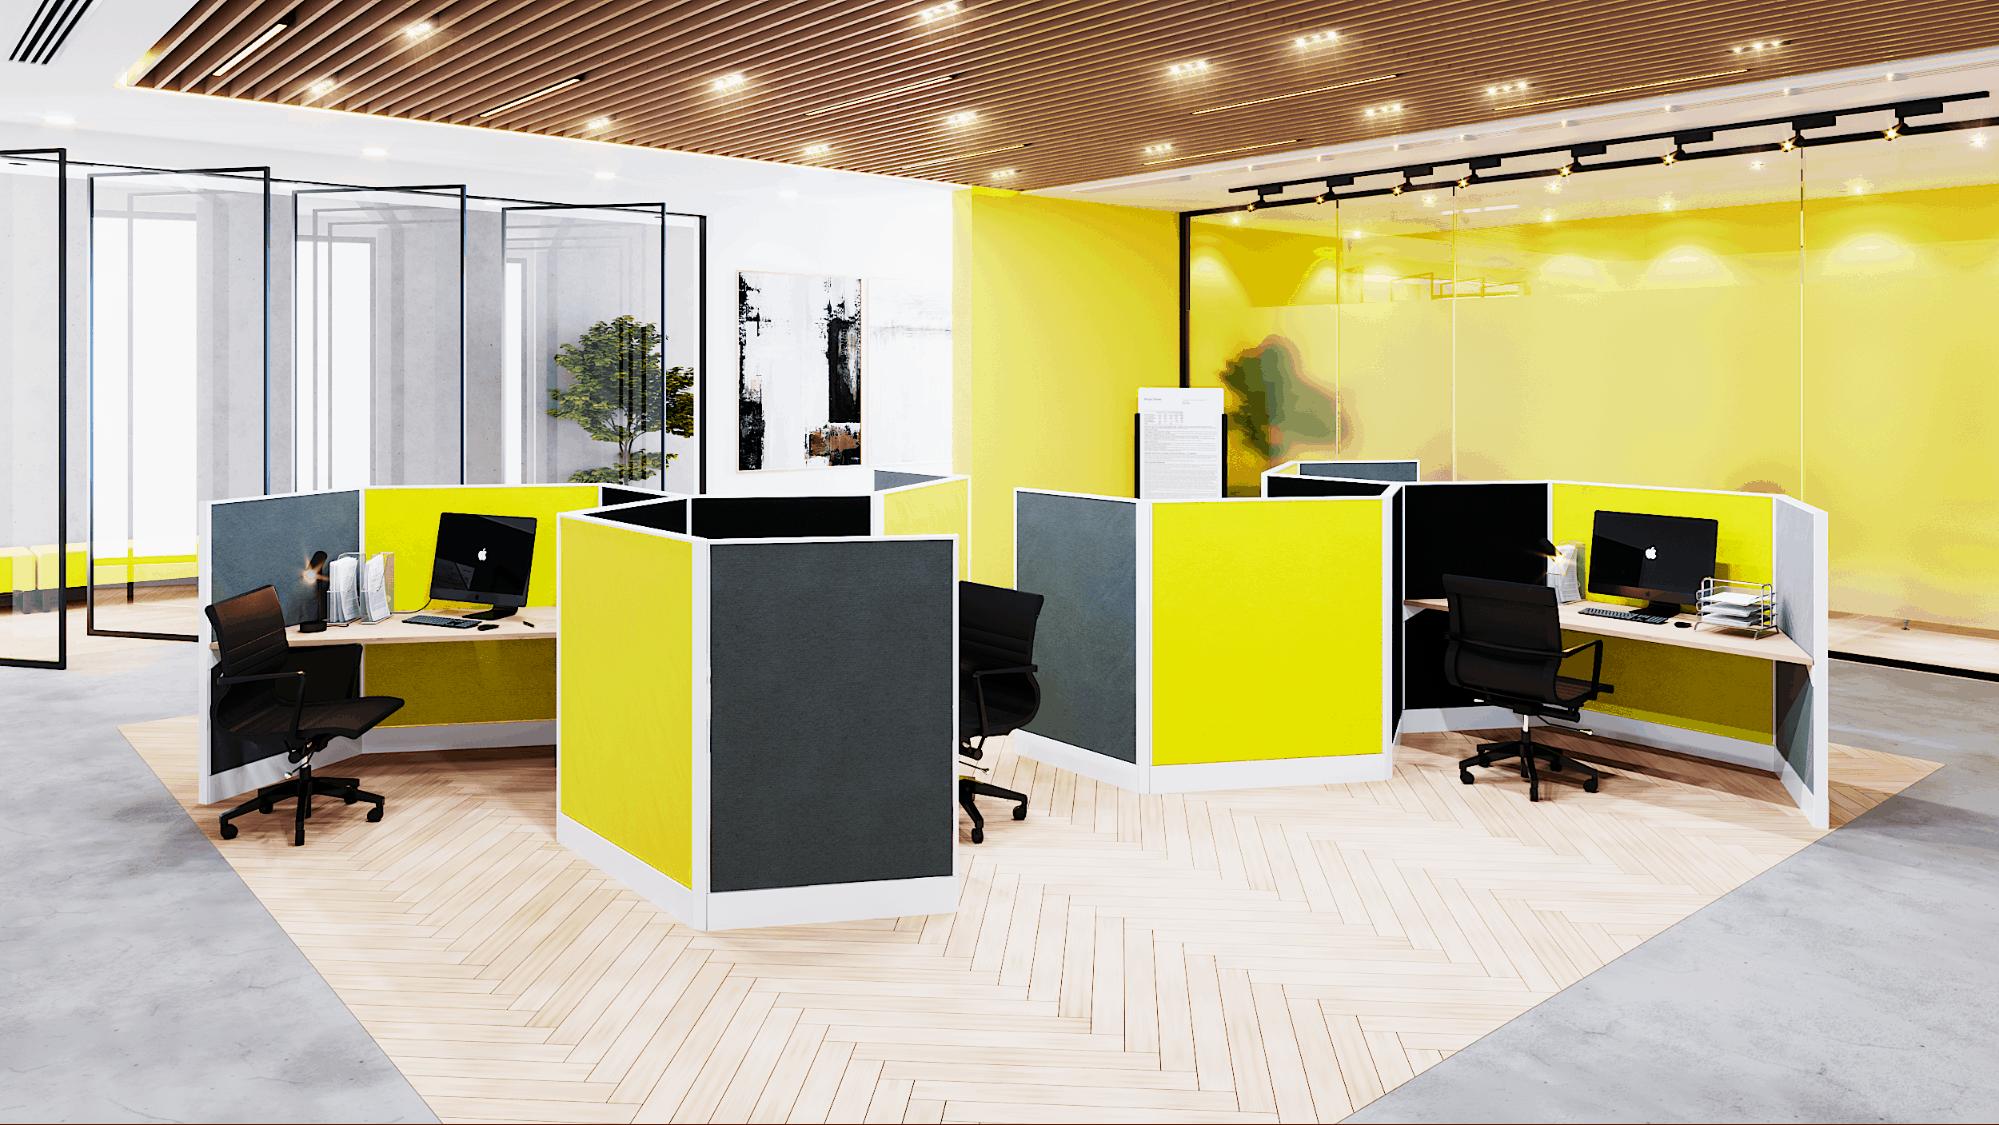 configuraciones-de-mobiliario-para-oficina-segura